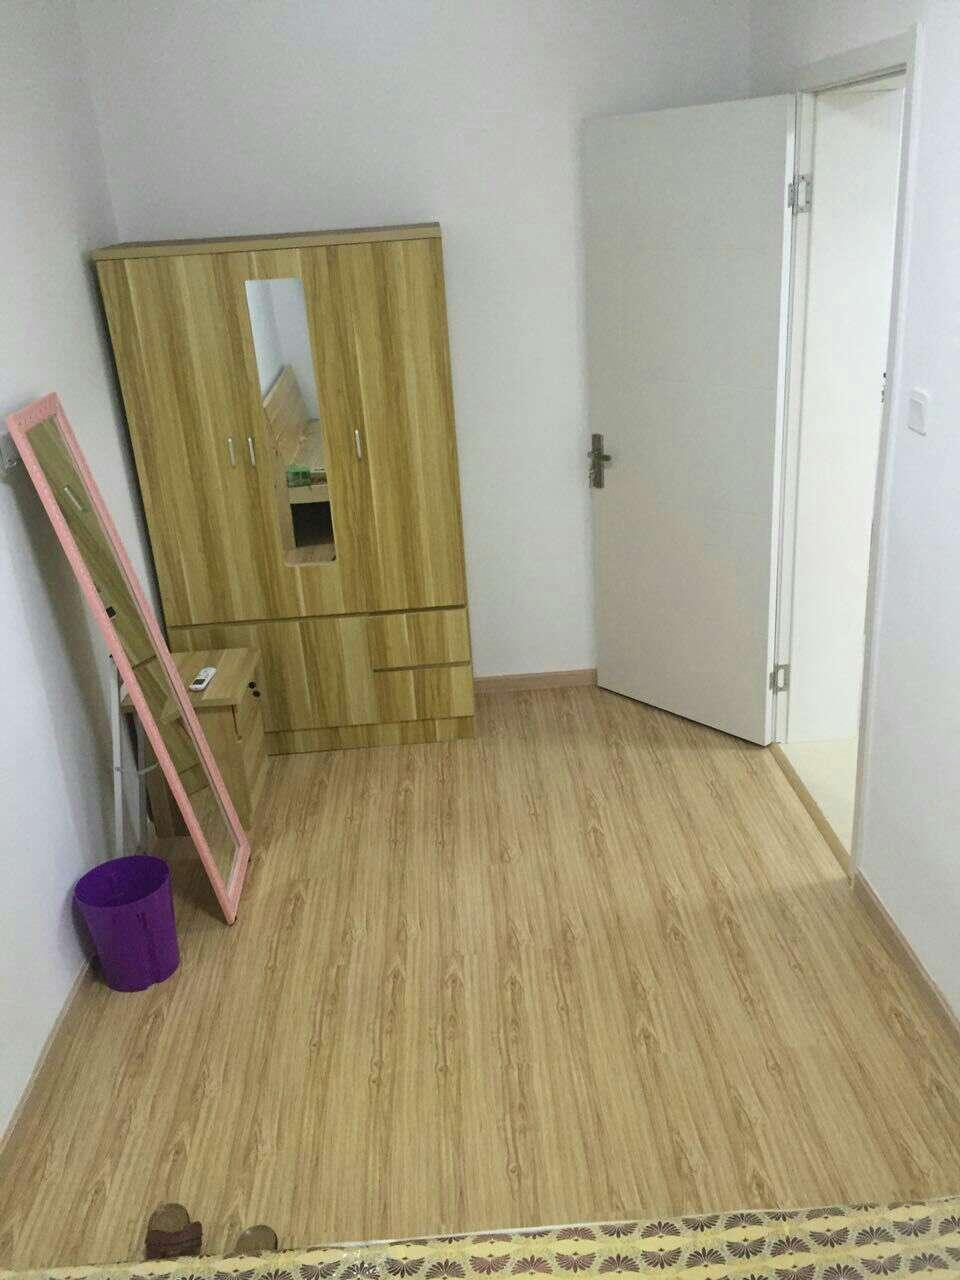 翠苑三区 2室1厅1卫 合租 全新装修 拎包住